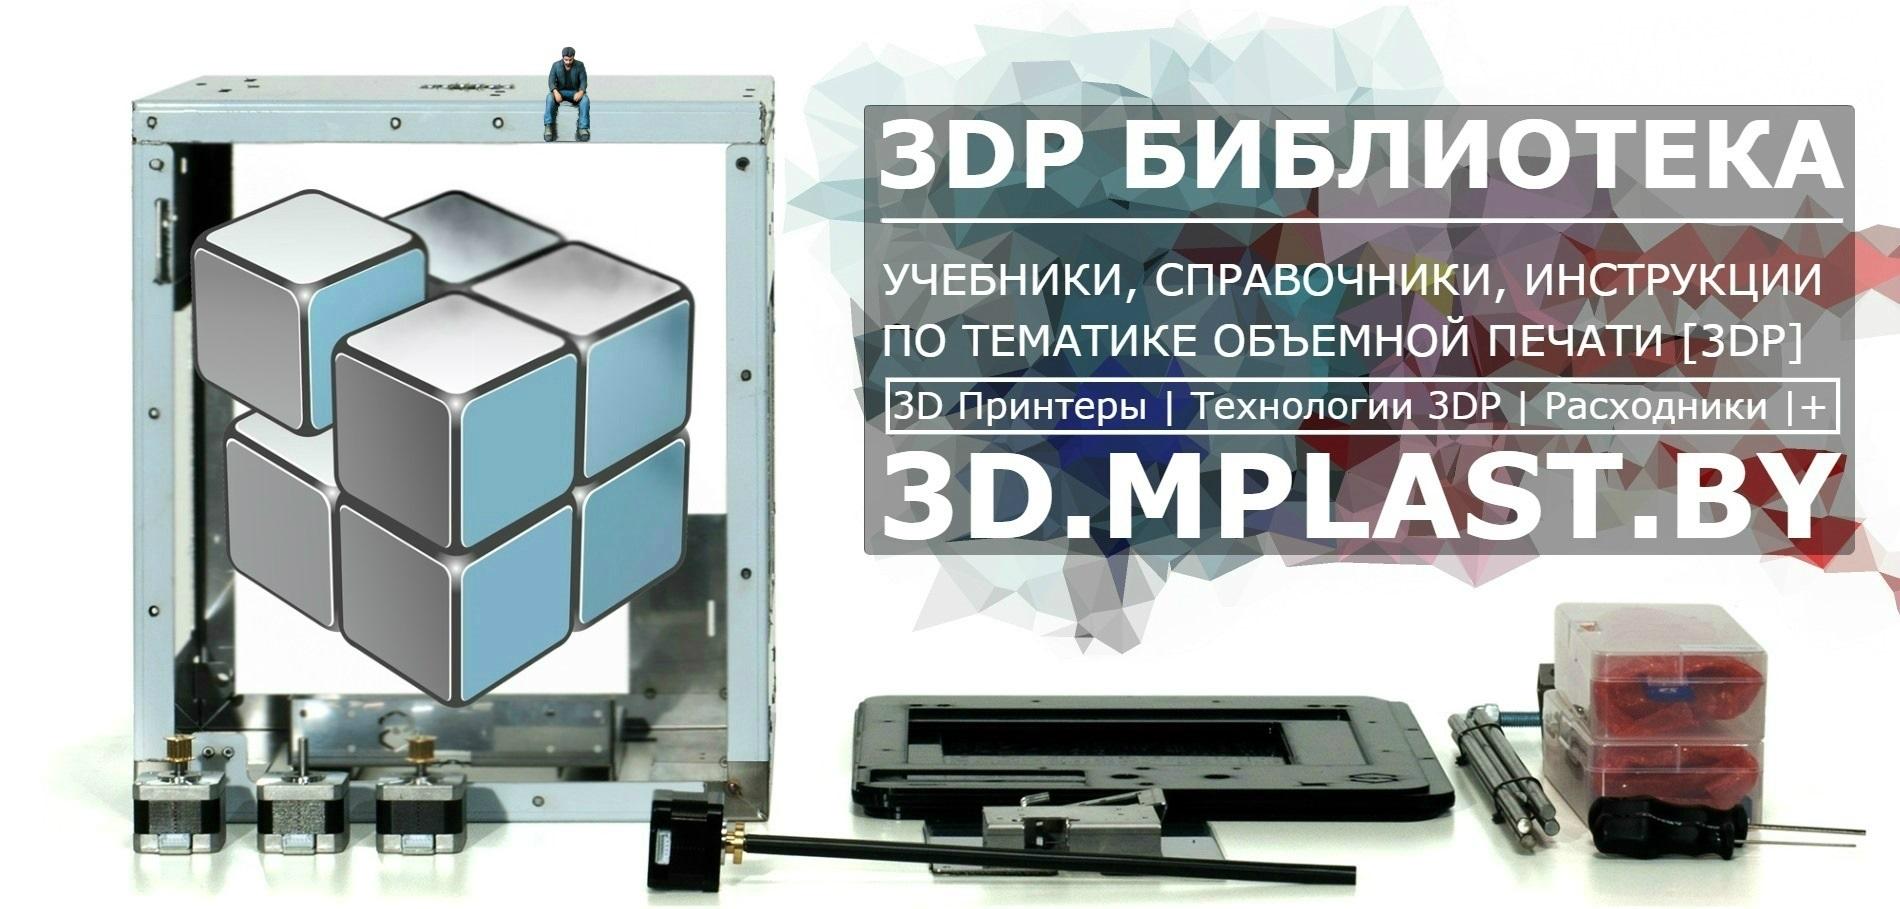 Книги по 3d печати [учебники, справочники, инструкции] | lib.MPlast.by